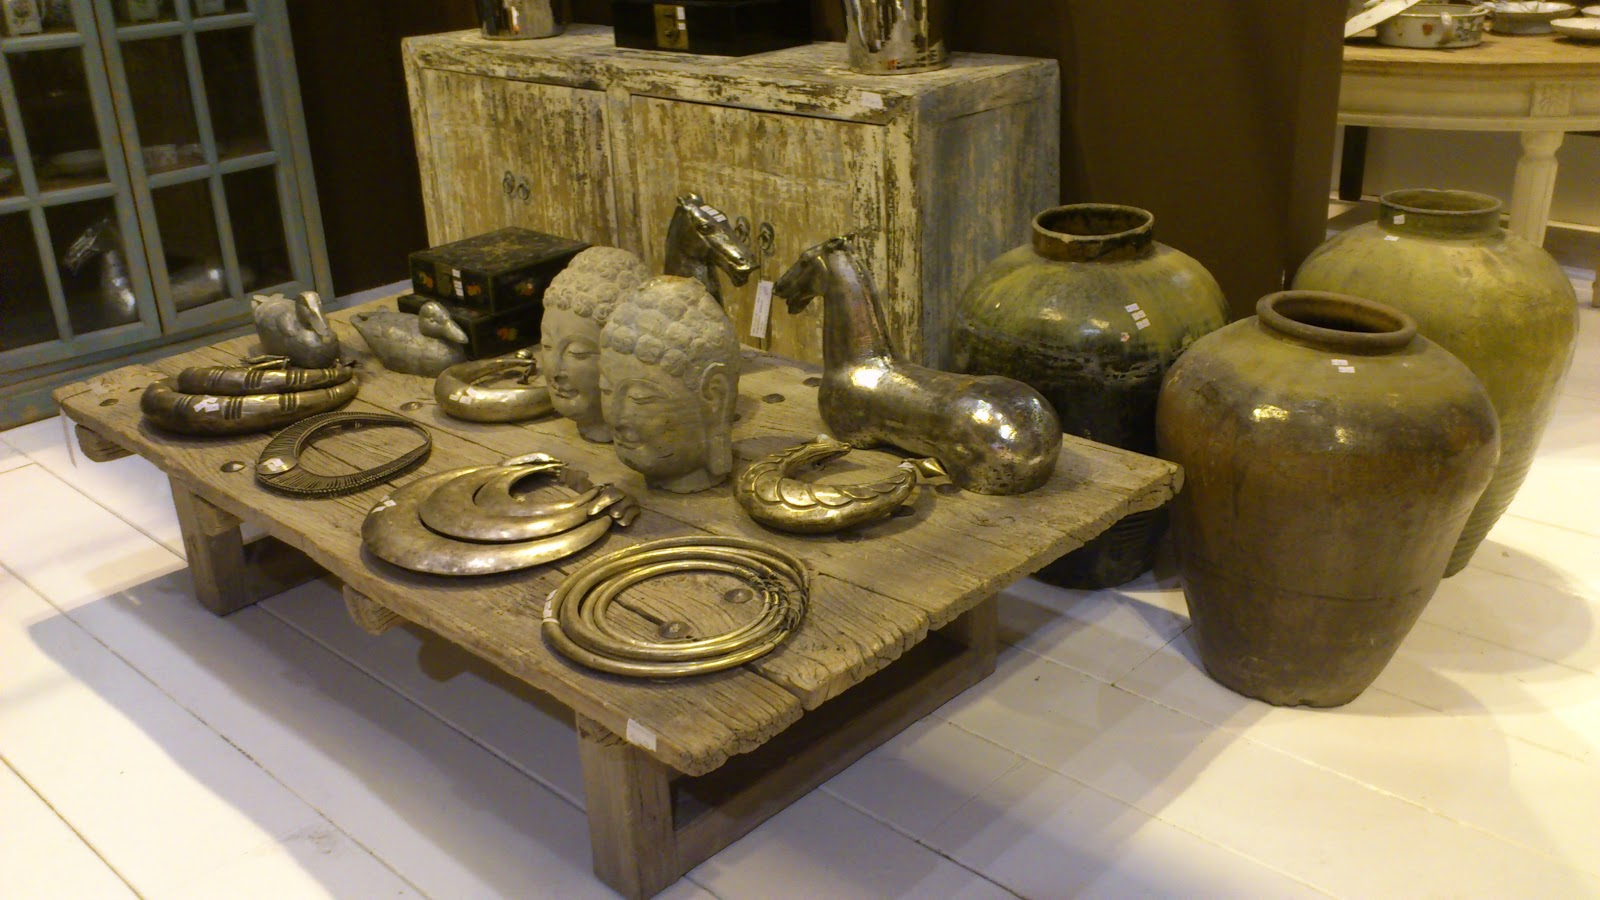 Tendencias en decoraci n y muebles en giftrends madrid 2013 for V dinastia muebles